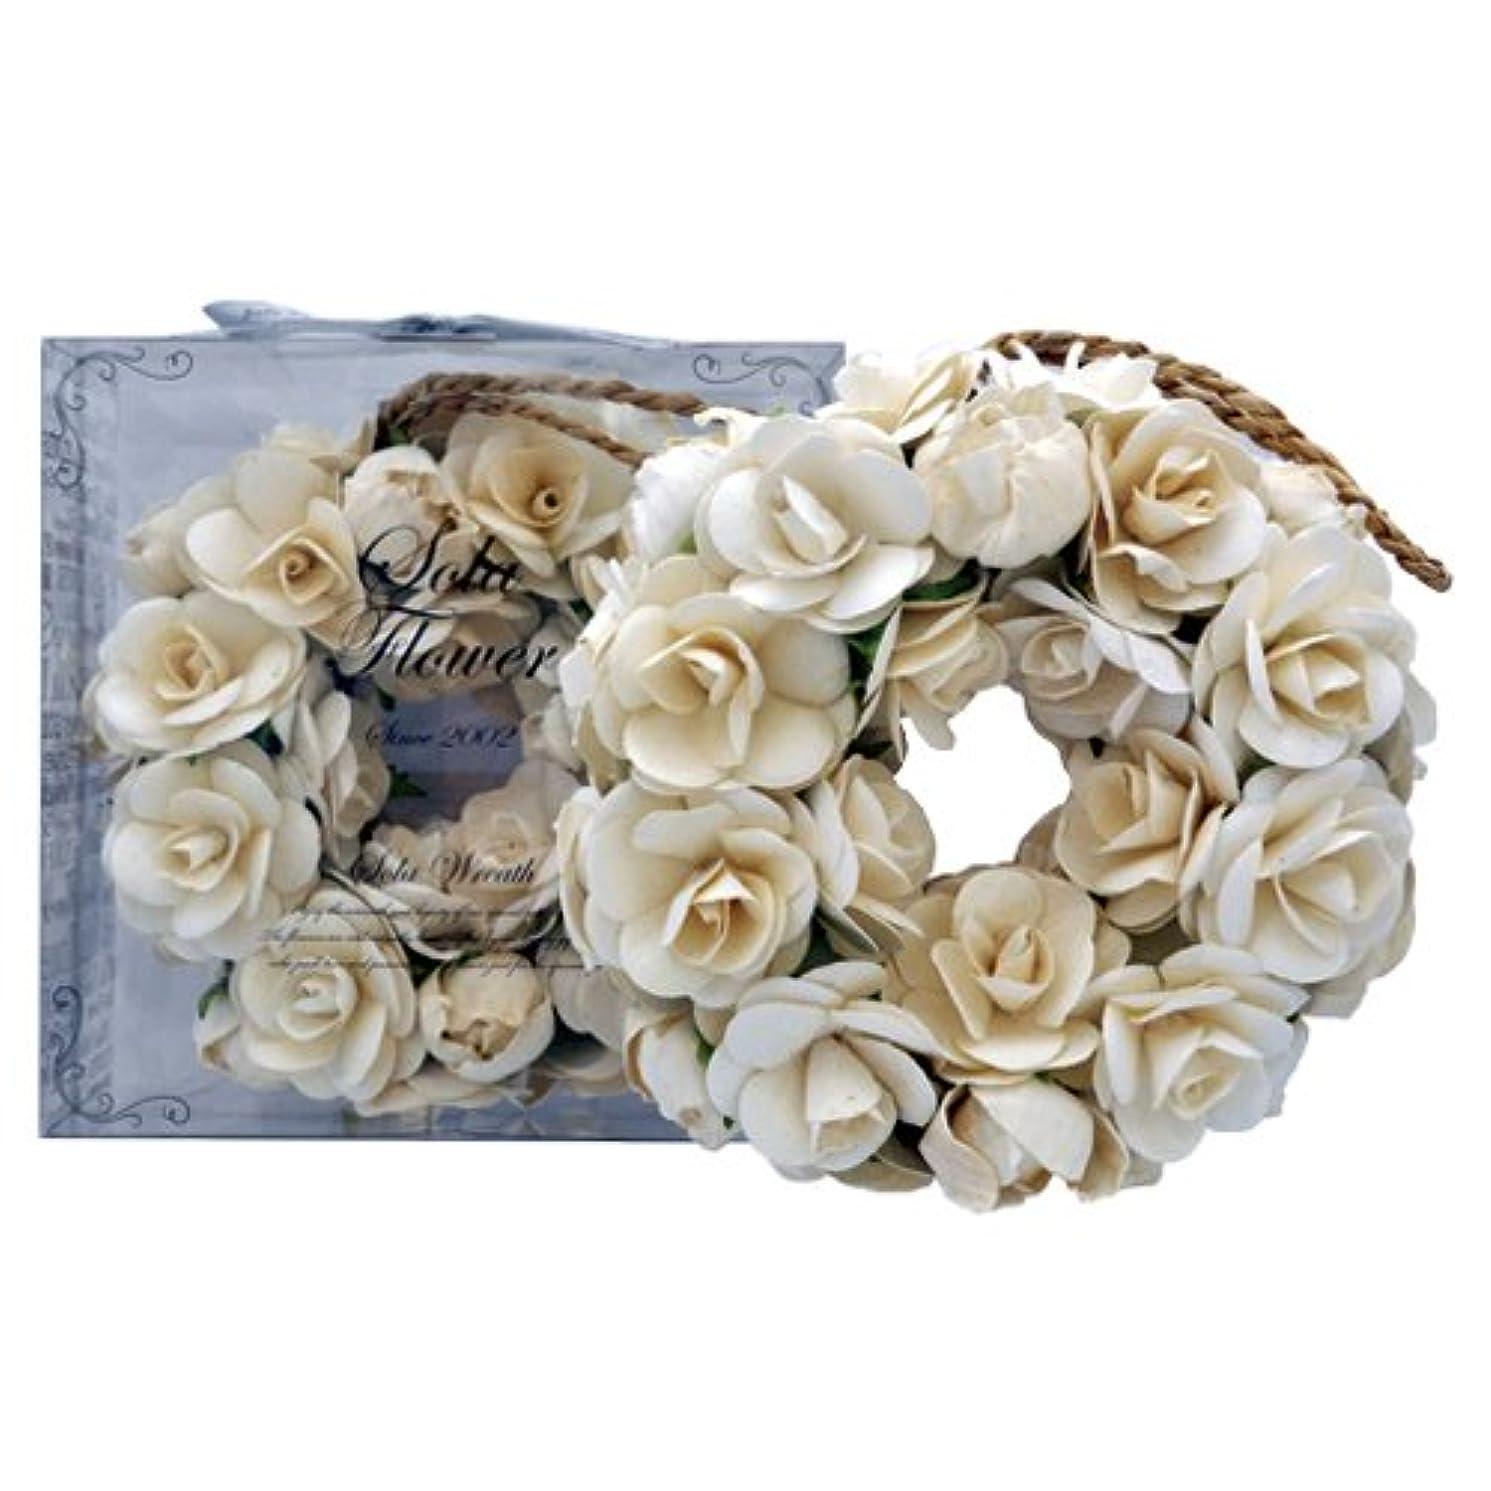 イーウェル聞きますインキュバスnew Sola Flower ソラフラワー リース Elegant Peony エレガントピオニー Wreath